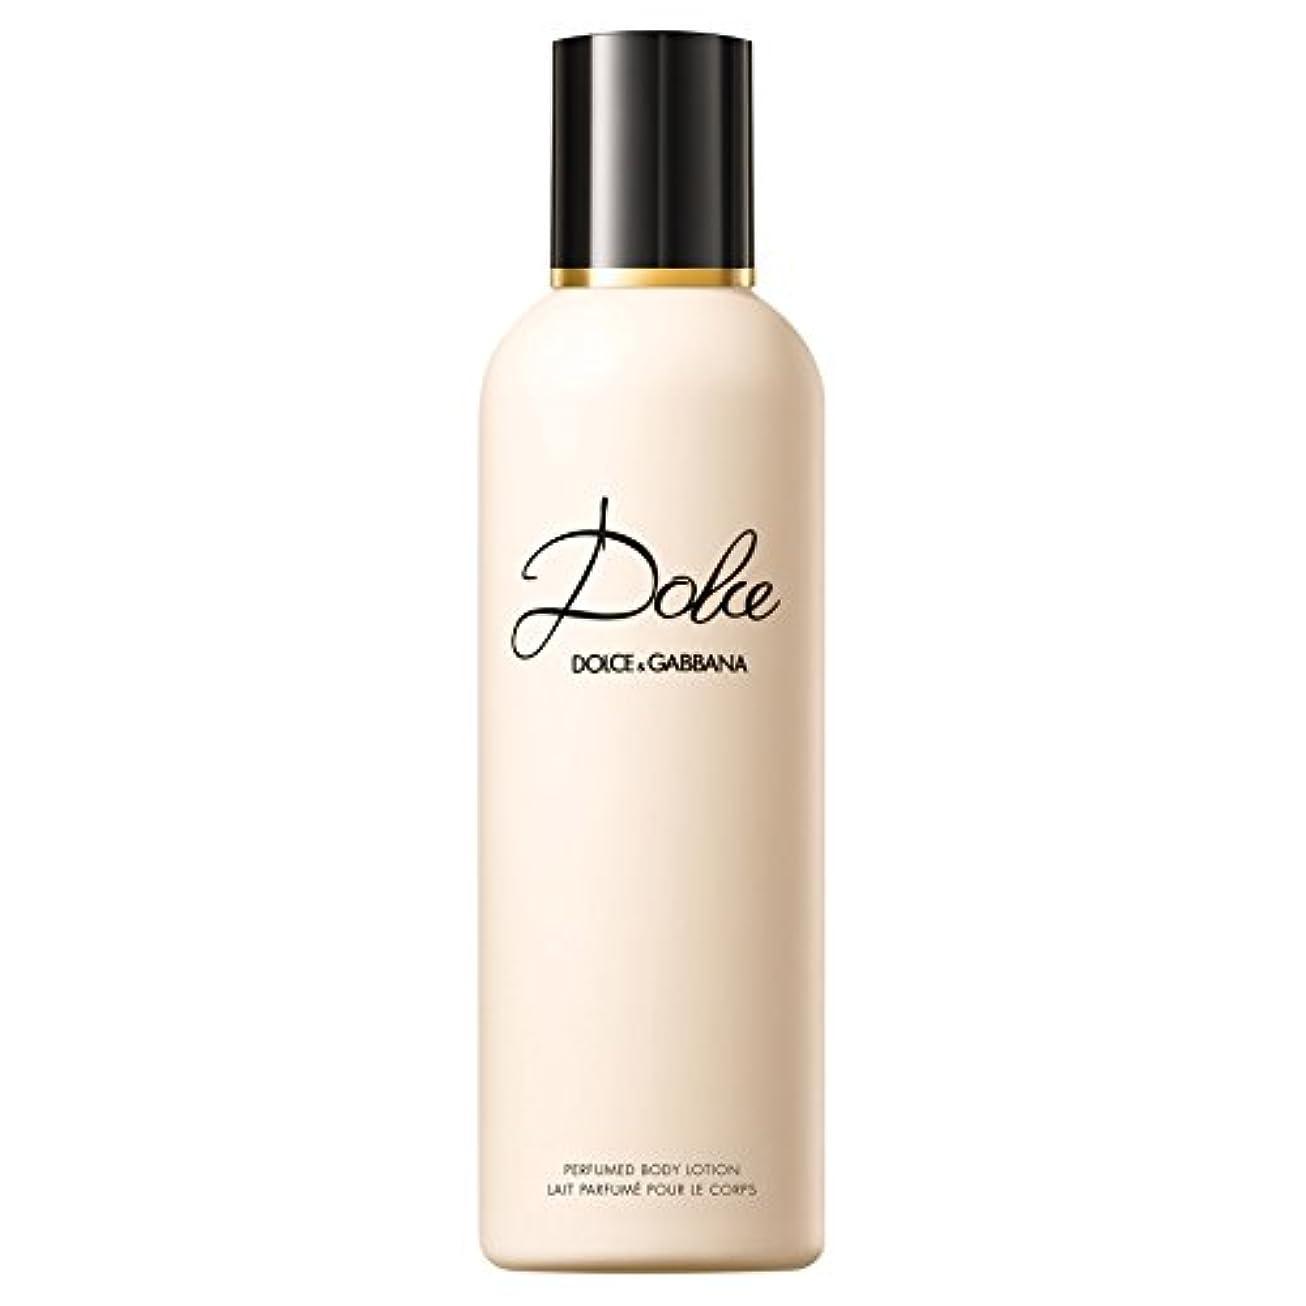 生活浸透する従順なドルチェ&ガッバーナドルチェのボディローション200ミリリットル (Dolce & Gabbana) (x6) - Dolce & Gabbana Dolce Body Lotion 200ml (Pack of 6)...